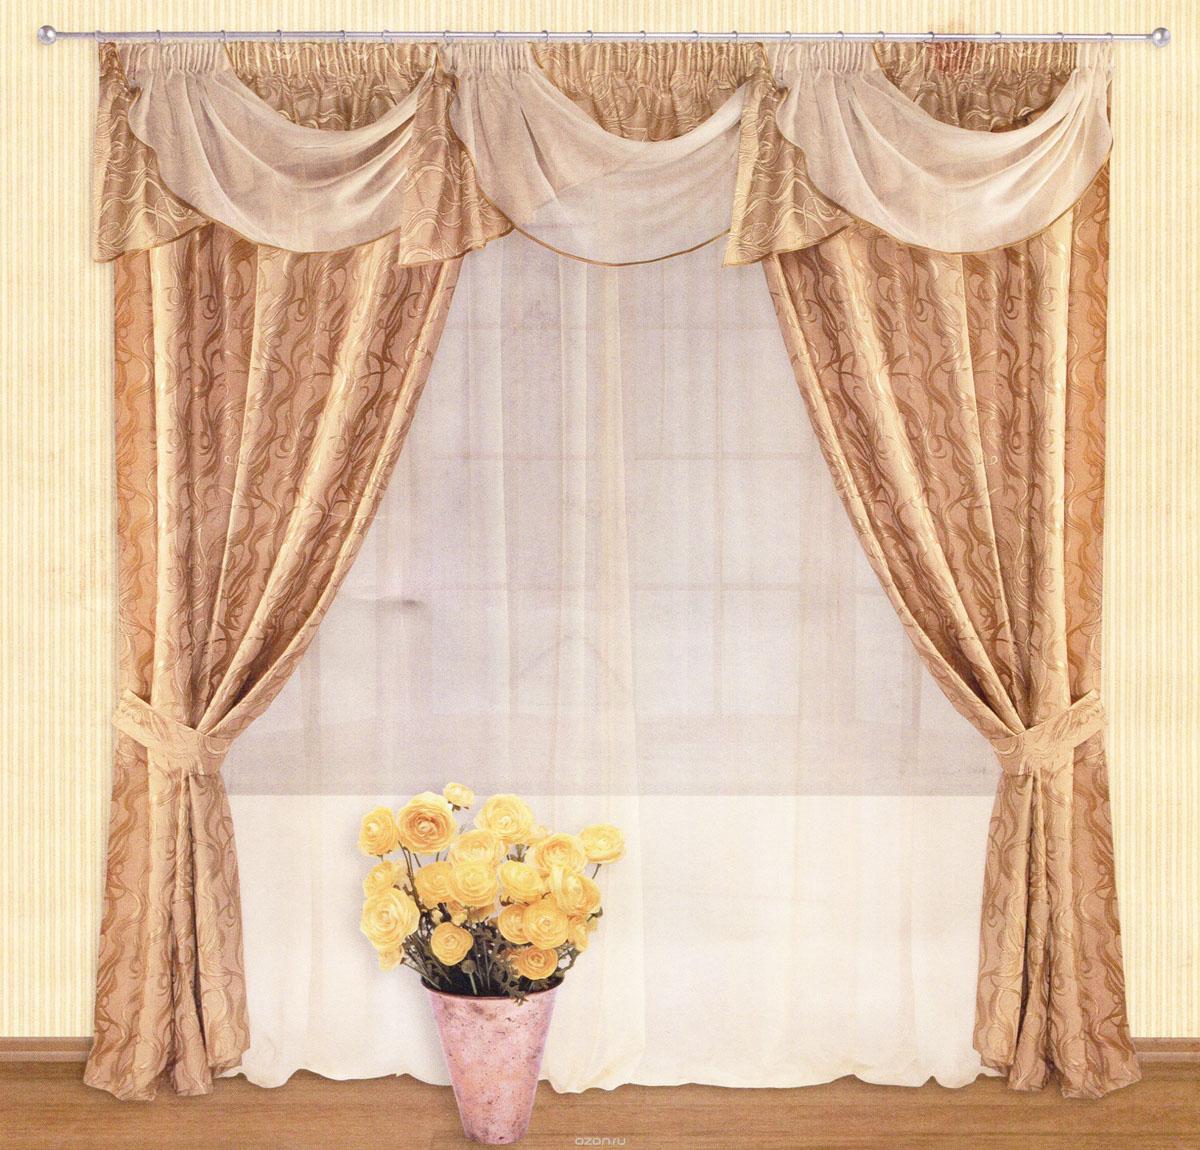 Комплект штор Zlata Korunka, на ленте, цвет: бежевый, высота 250 см. 5551855518Роскошный комплект штор Zlata Korunka, выполненный из сатина, жаккарда и вуали (100% полиэстера), великолепно украсит любое окно. Комплект состоит из двух портьер, тюля, ламбрекена и двух подхватов. Сочетание плотной и полупрозрачной тонкой ткани, волнообразный принт и приятная, приглушенная гамма привлекут к себе внимание и органично впишутся в интерьер помещения. Комплект крепится на карниз при помощи шторной ленты, которая поможет красиво и равномерно задрапировать верх. Портьеры можно зафиксировать в одном положении с помощью двух подхватов. Этот комплект будет долгое время радовать вас и вашу семью! В комплект входит: Портьера: 2 шт. Размер (ШхВ): 140 см х 250 см. Тюль: 1 шт. Размер (ШхВ): 400 см х 250 см. Ламбрекен: 1 шт. Размер (ШхВ): 400 см х 50 см. Подхват: 2 шт. Размер (ШхВ): 60 см х 10 см.